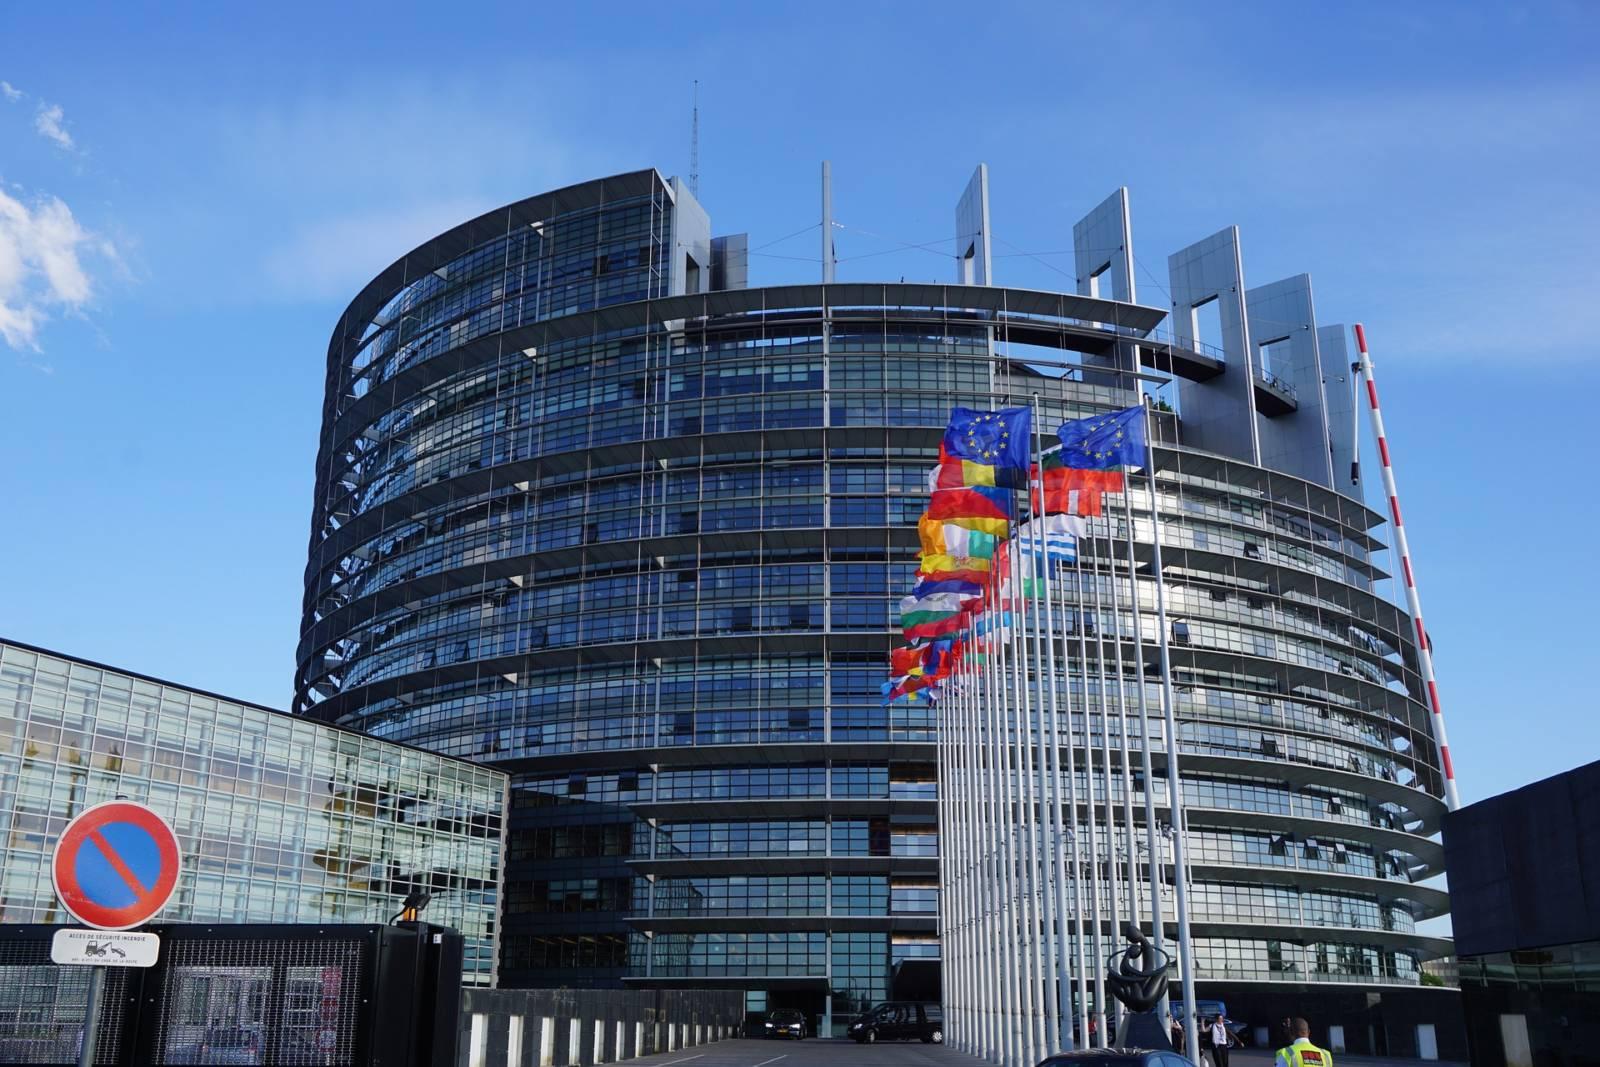 Die EU-Wahl in Polen: Wie gehts nun weiter? Ein Kommentar von Patryk Szostak